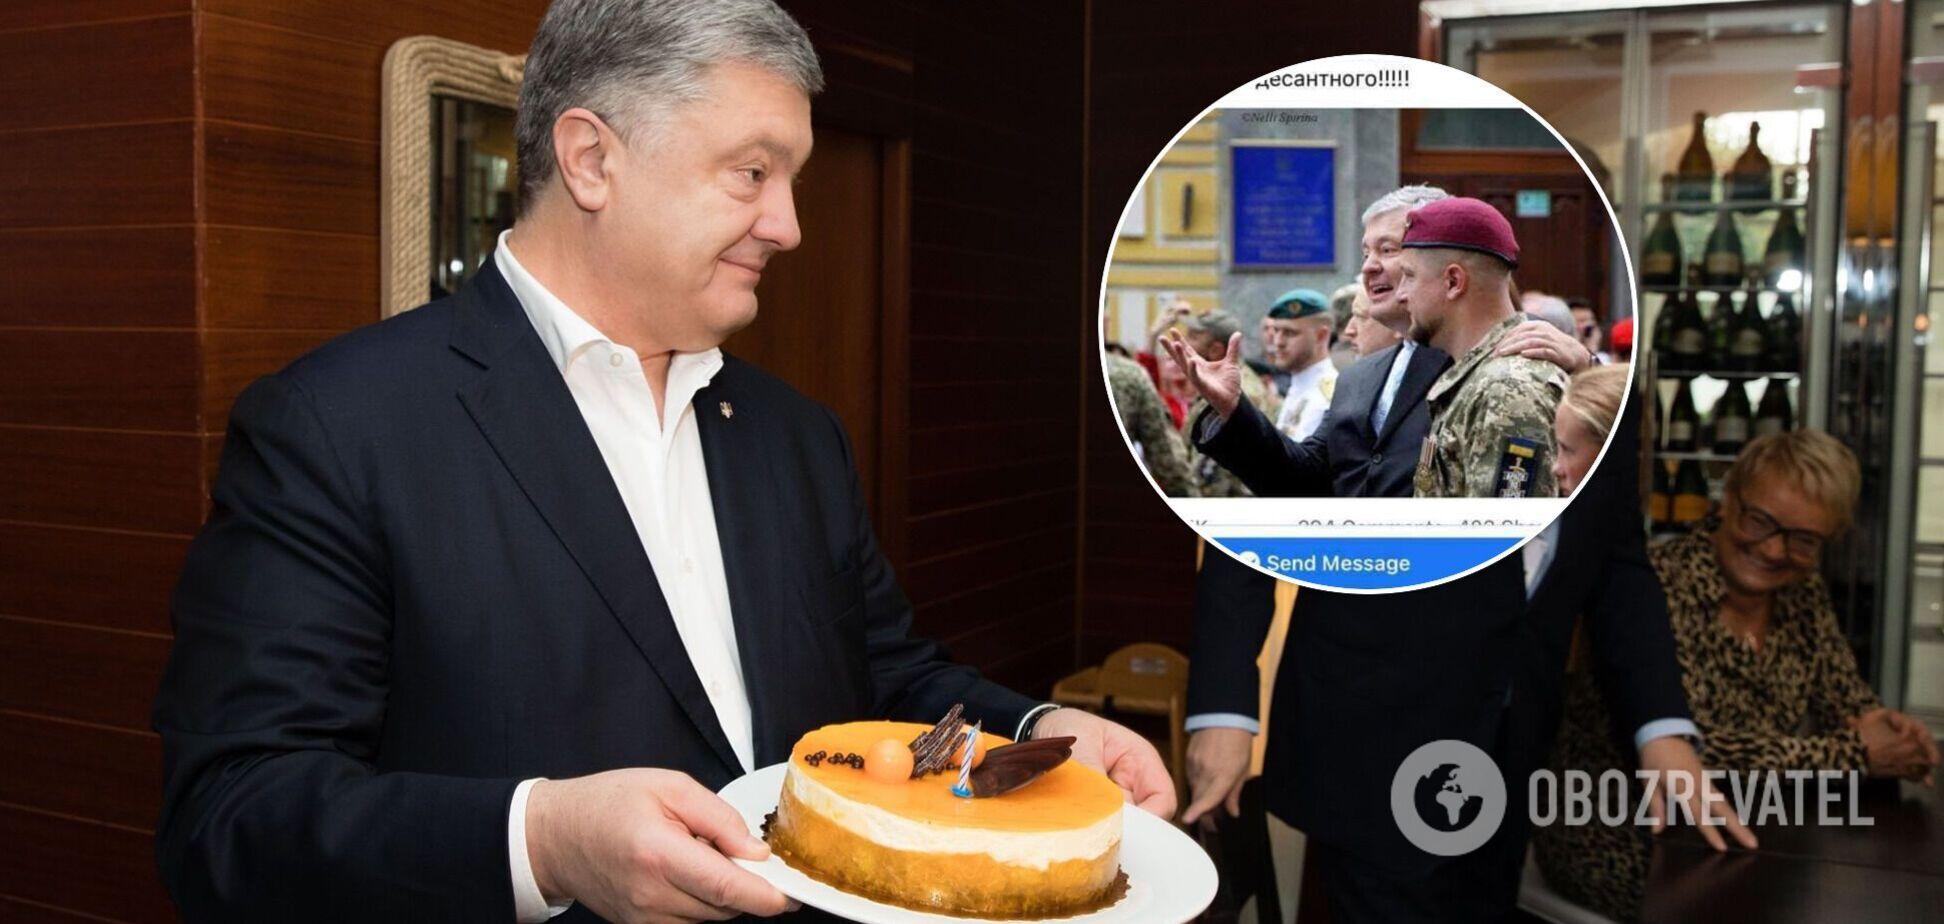 Известные украинцы поздравили Порошенко с днем рождения